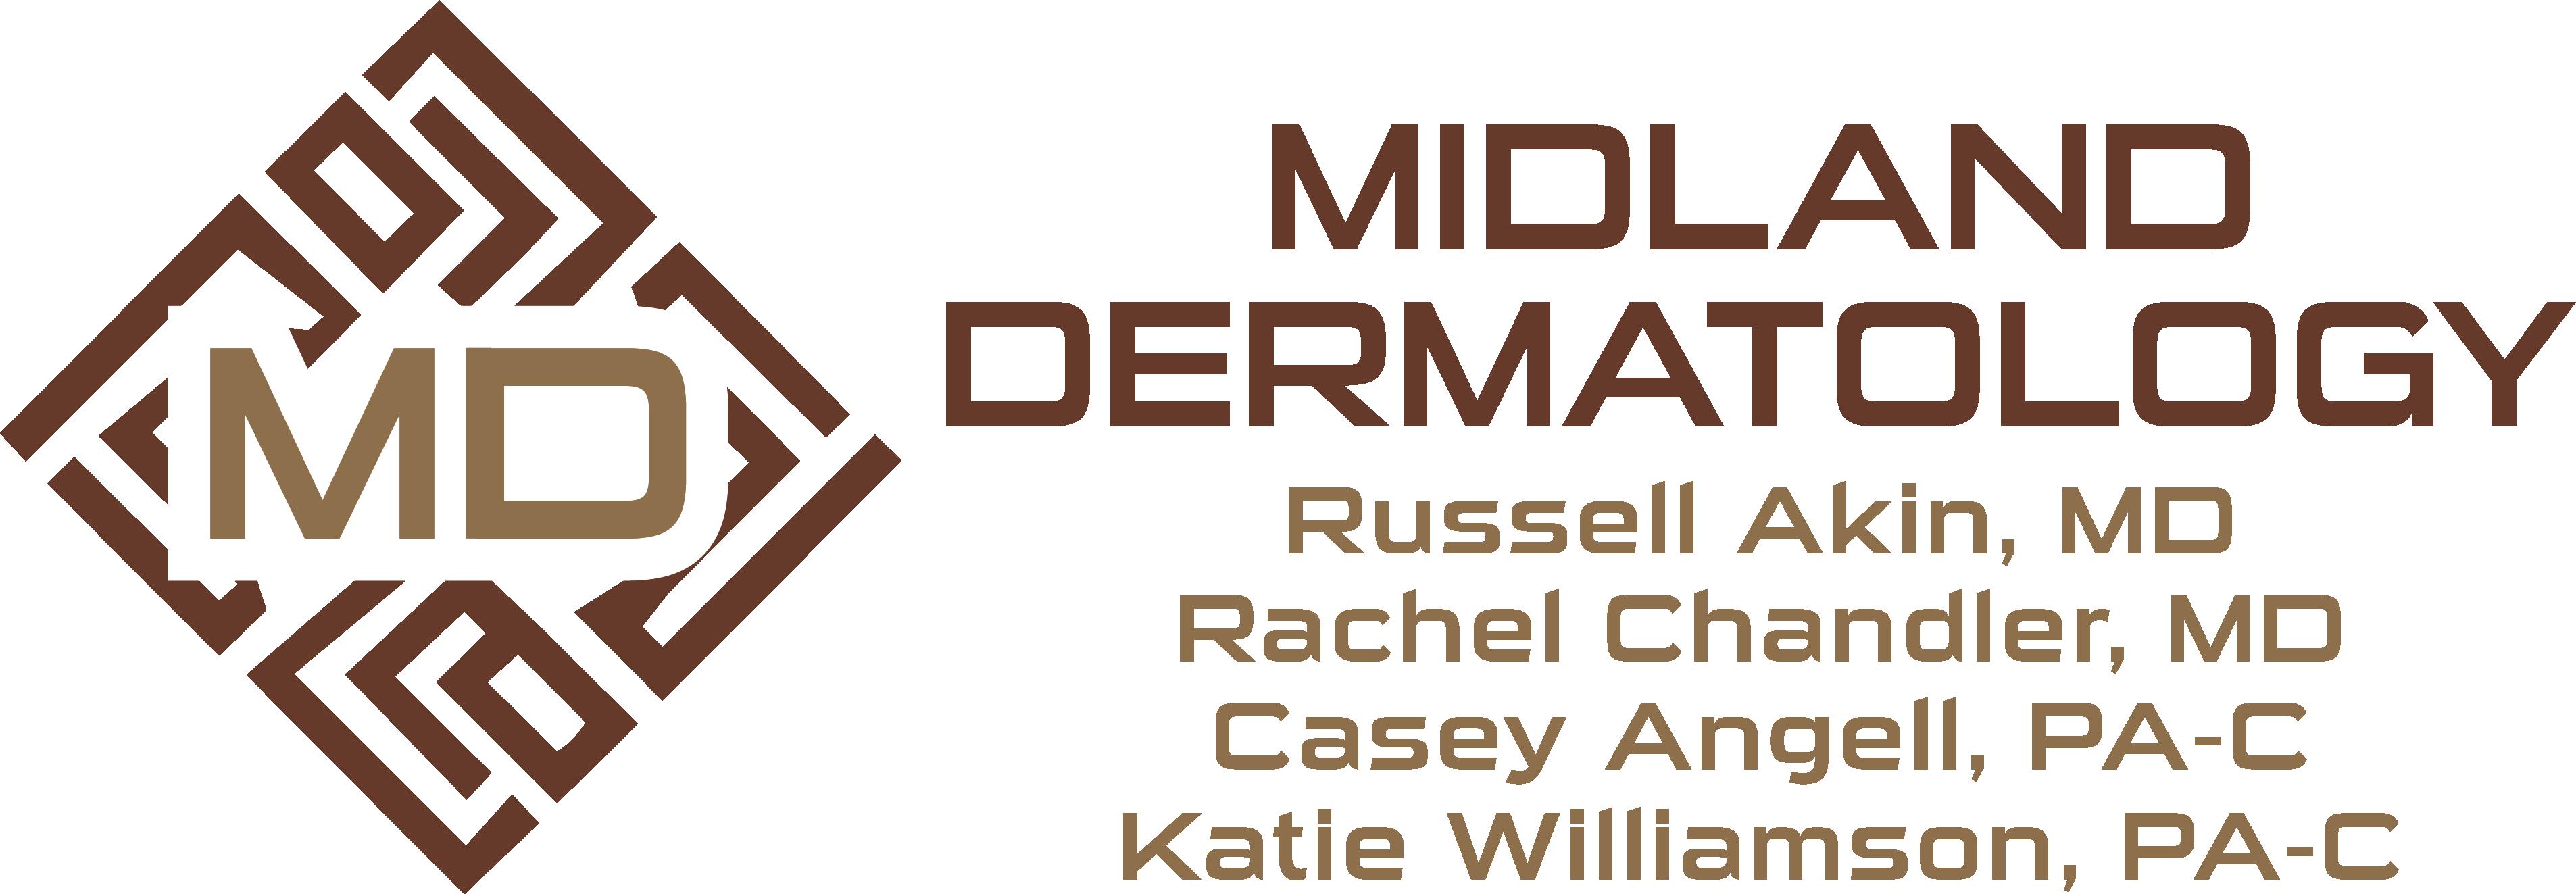 Midland Dermatology logo